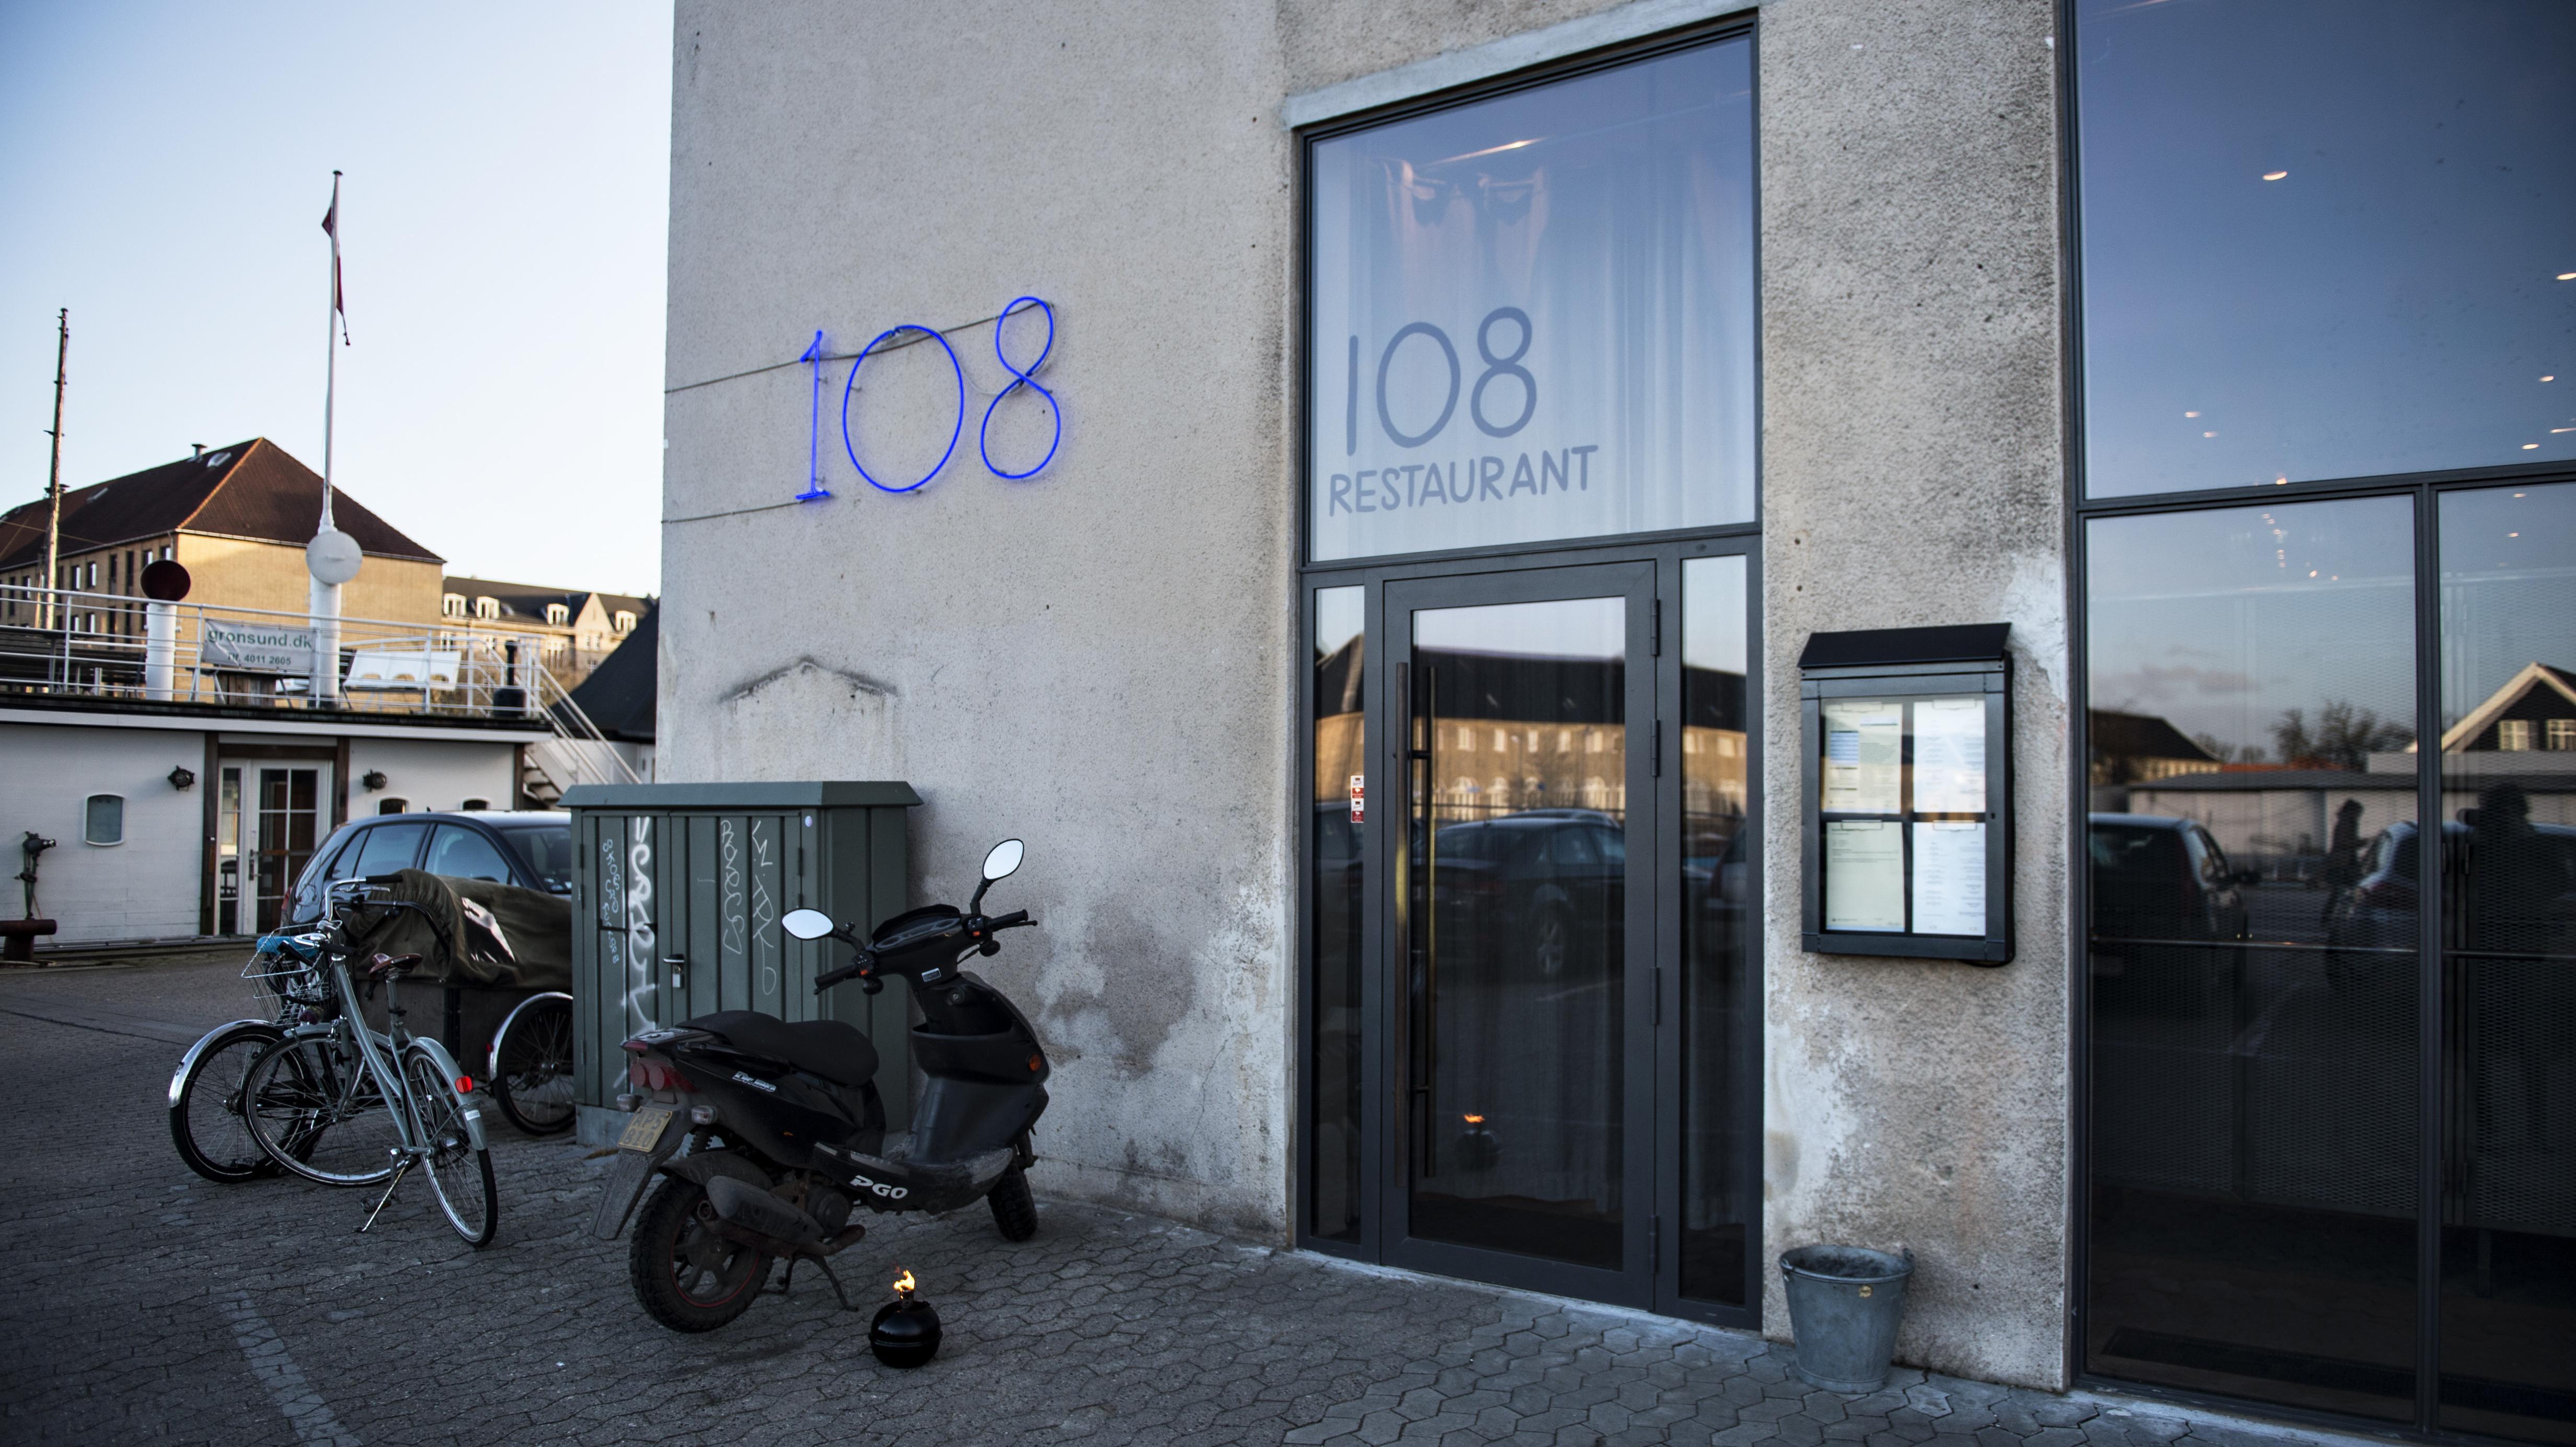 flere danske restauranter faar deres foerste michelin stjerne